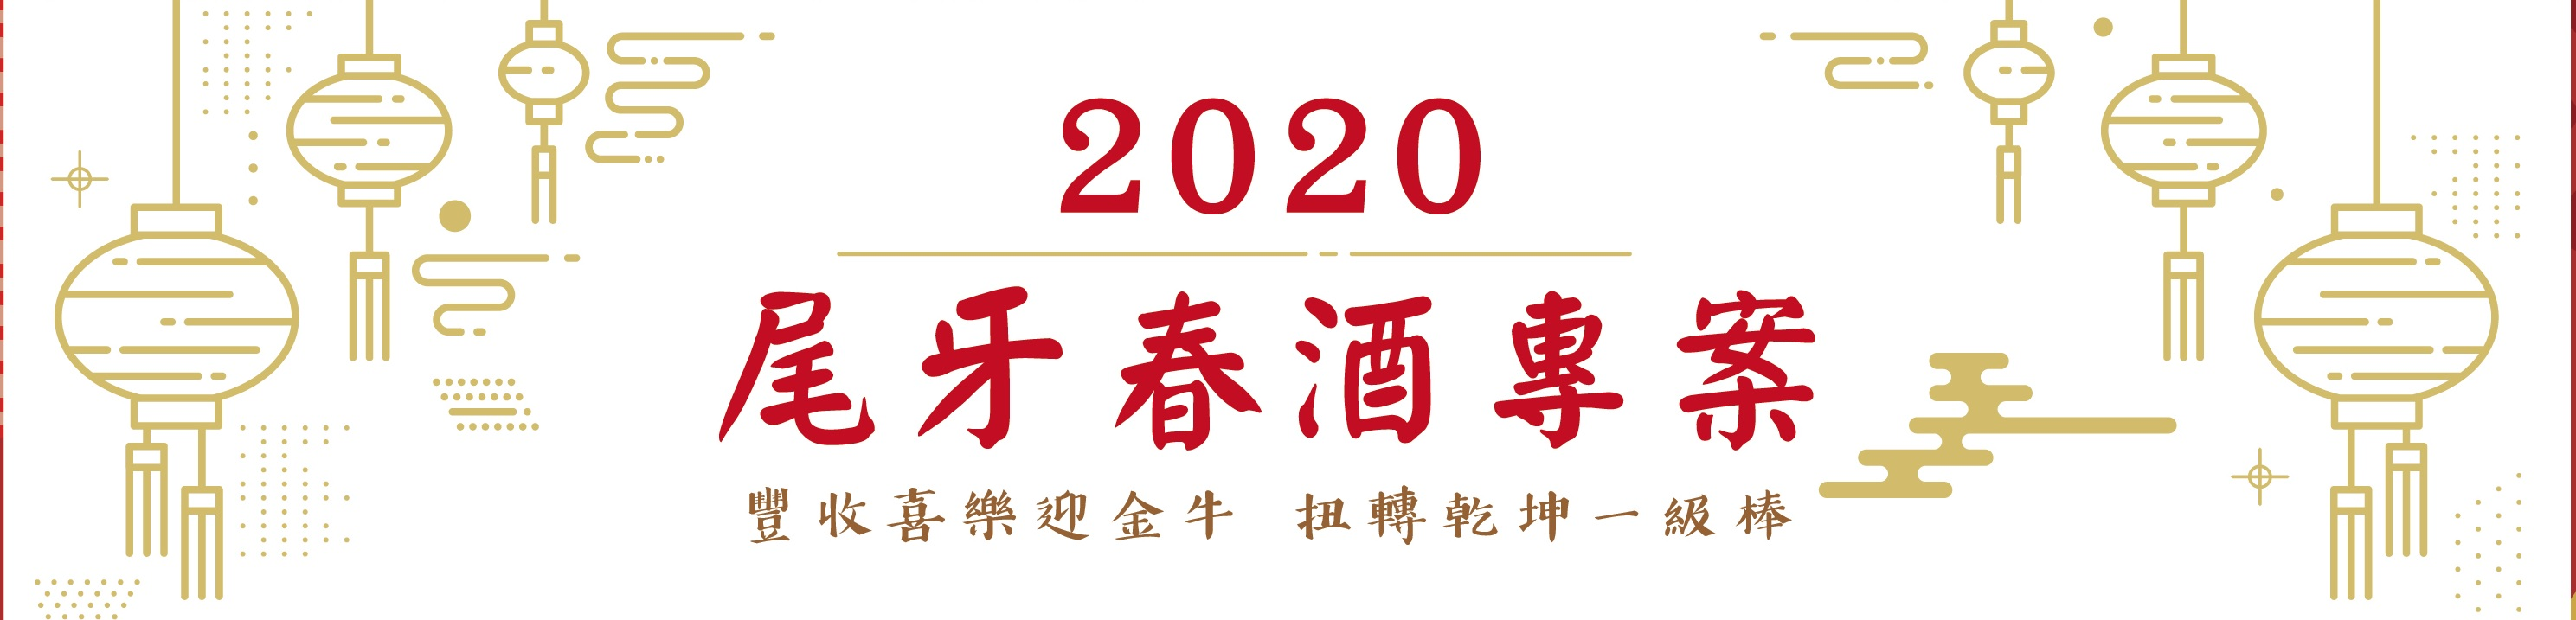 2020尾牙春酒專案-豐收喜樂迎金牛 扭轉乾坤一級棒